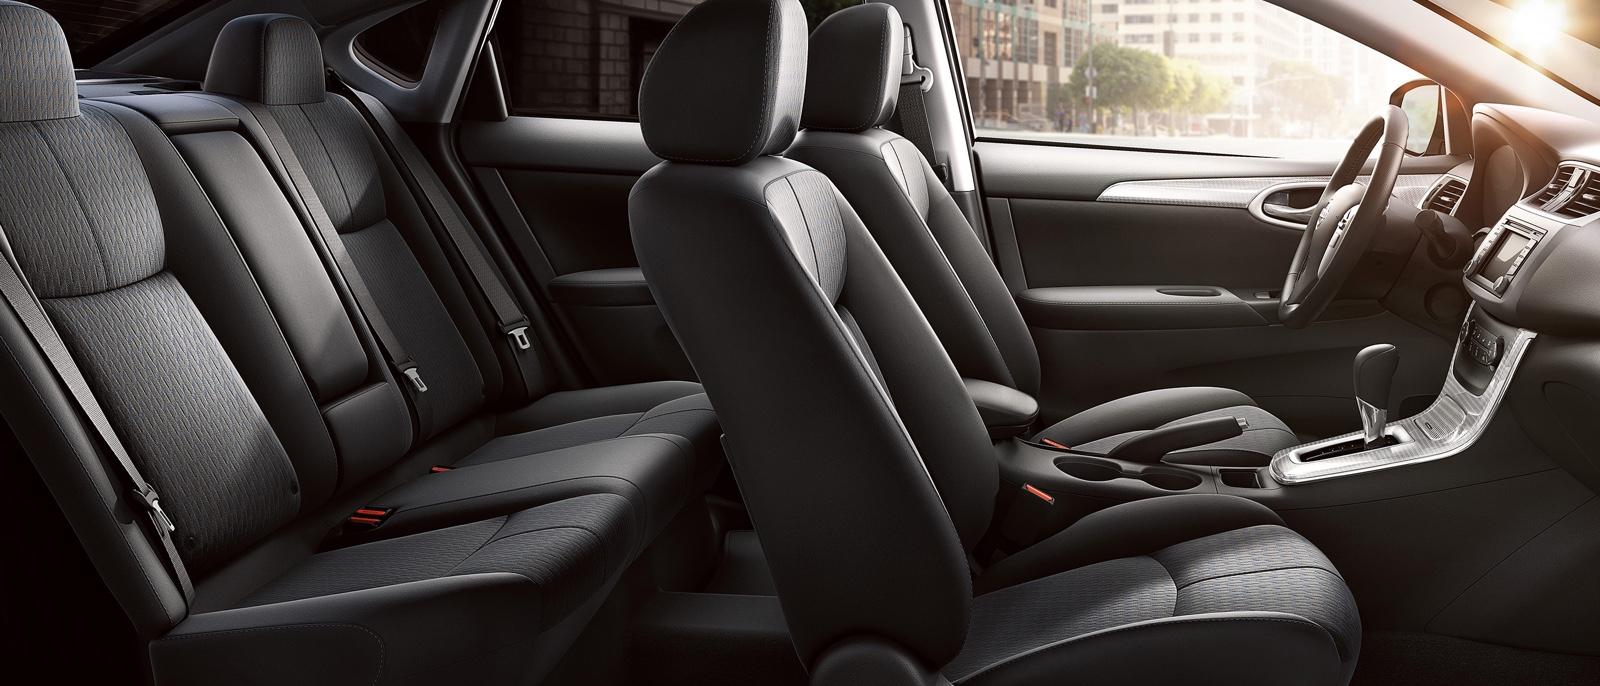 2015 Nissan Sentra Slider